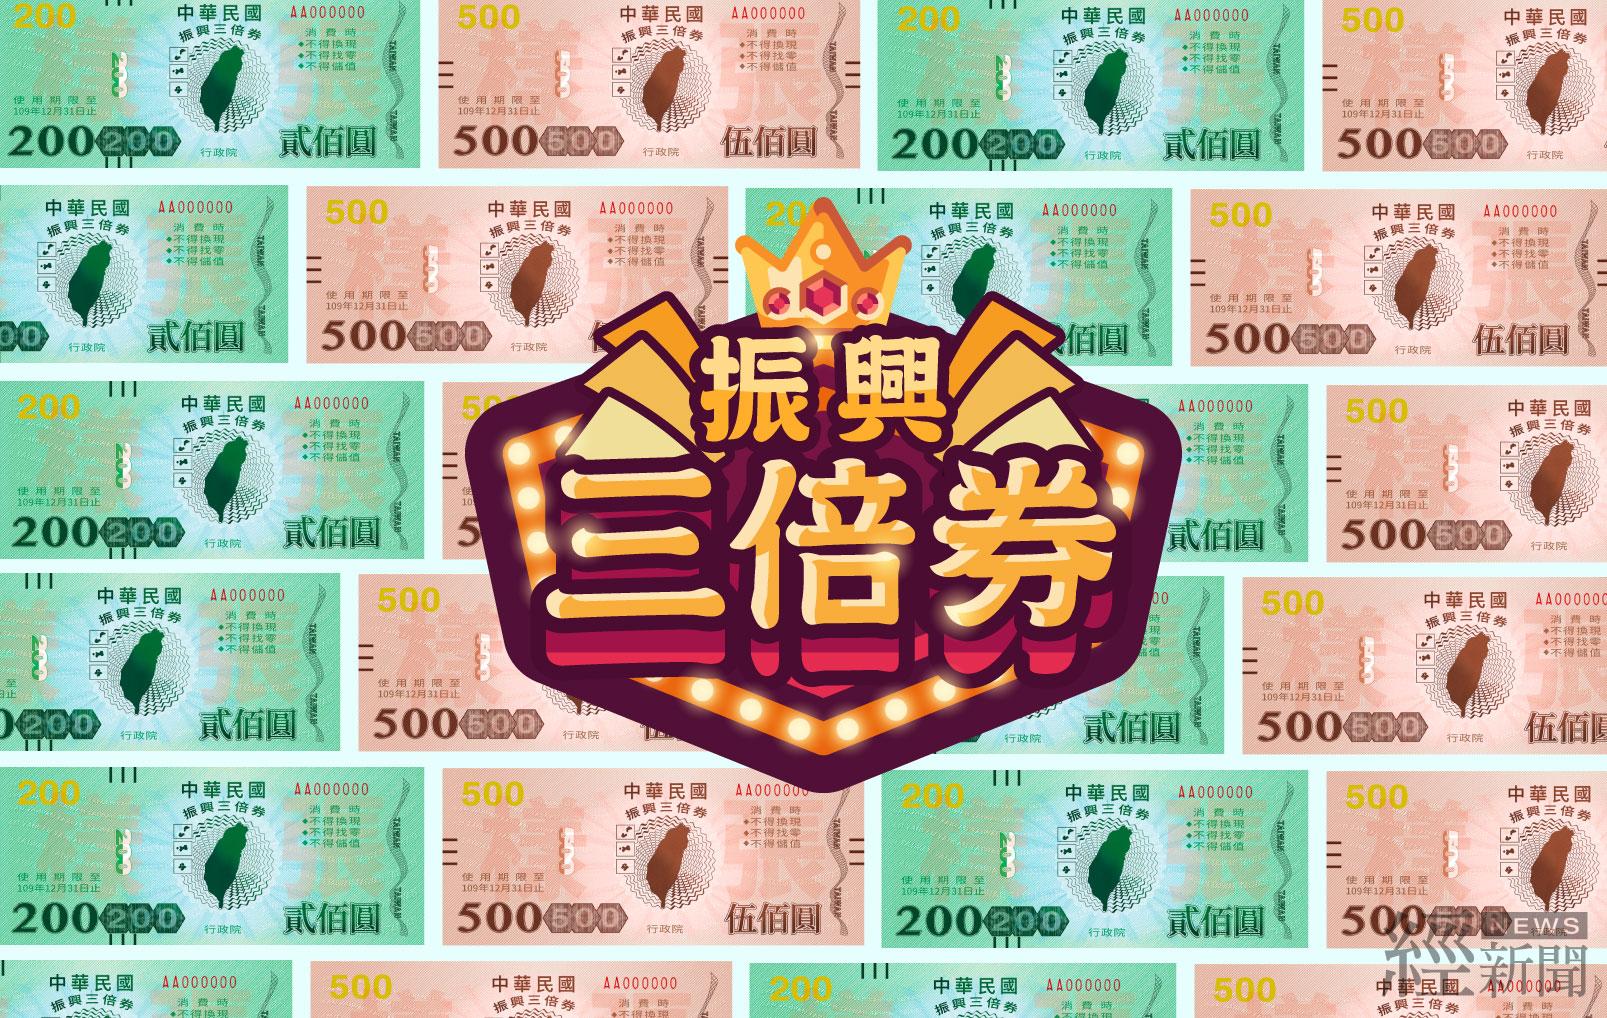 紙本三倍券已兌領99.28% 經濟部提醒:兌現期限至3/31